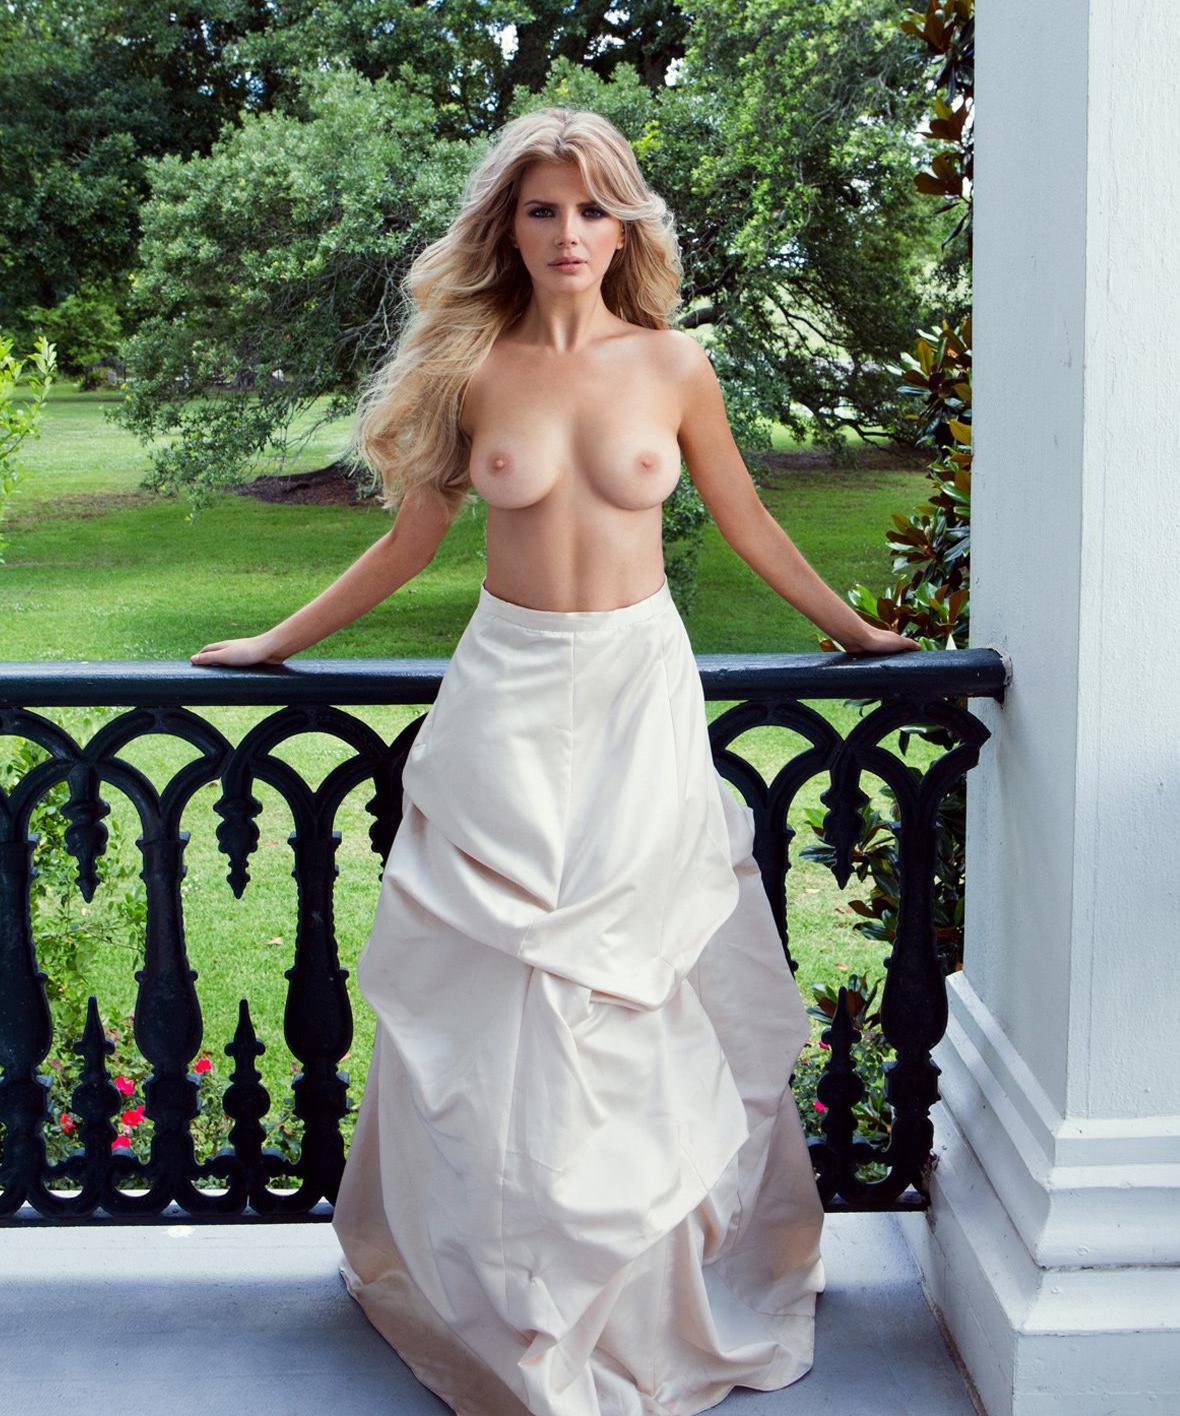 dlinnaya-yubka-topless-foto-svingeri-porno-kontakte